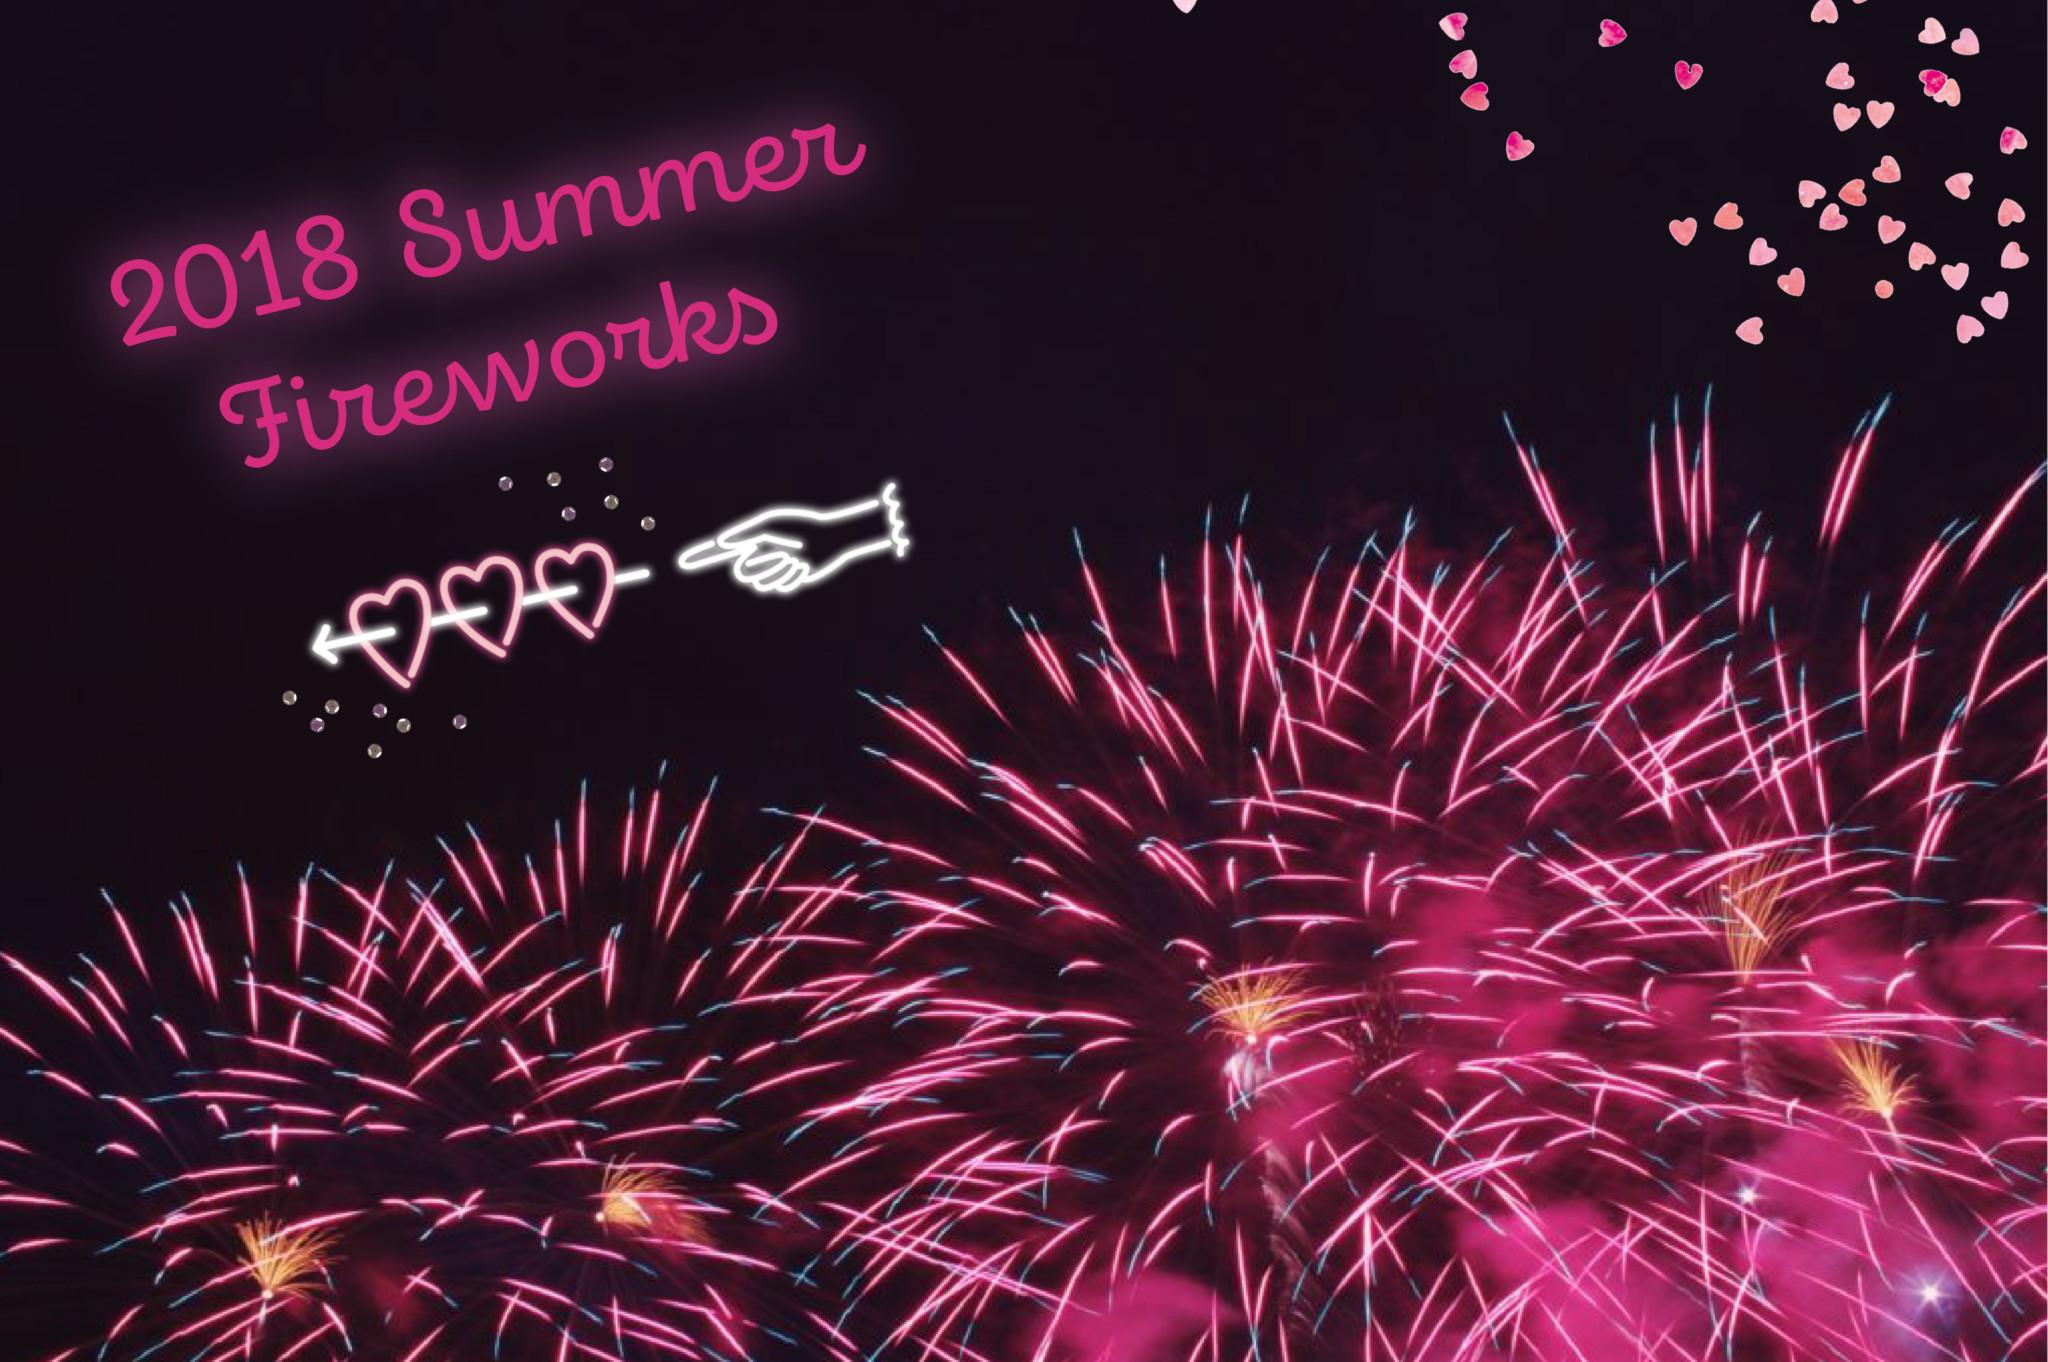 きらめく夏の幻想ステージ…心ときめく花火大会へGO!2018